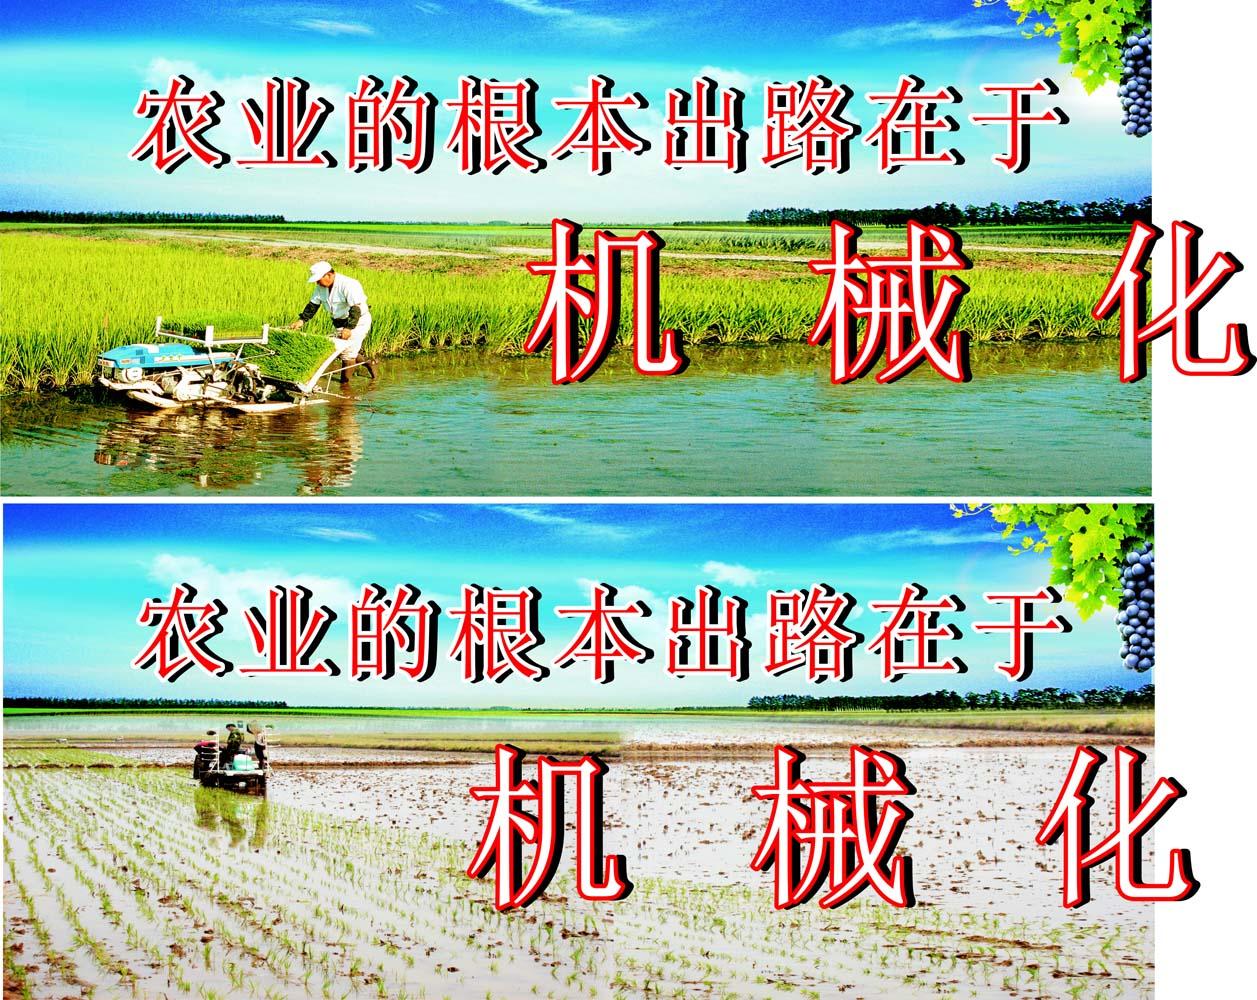 706基础建材海报展板写真喷绘贴纸素材202农业机械化宣传标语